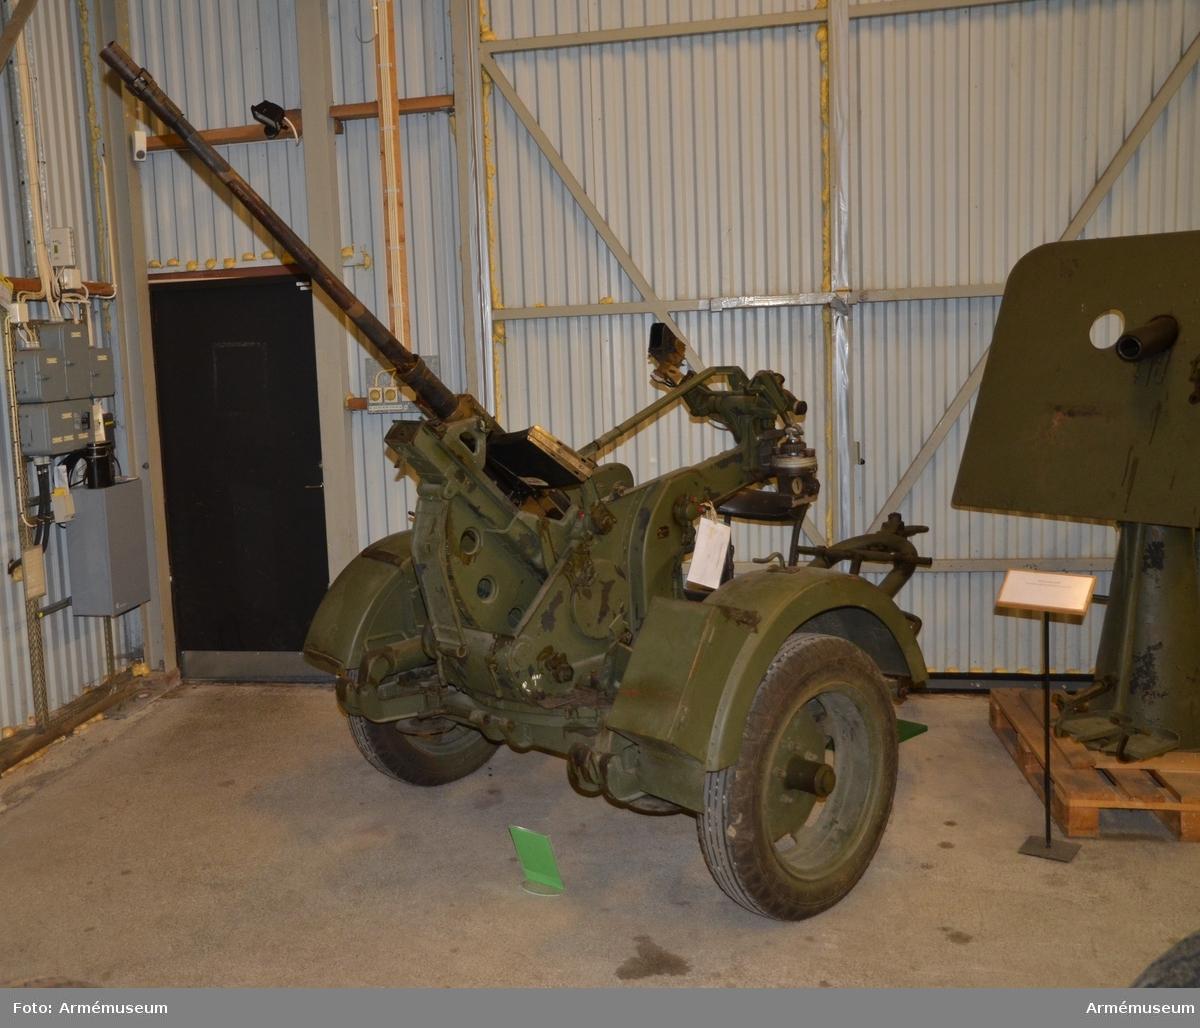 Grupp F I. Pjäsens vikt med utrustning är 470 kg, största skottvidden är 5000 m, och den mekaniska eldhastigheten är 5 skott per sekund.